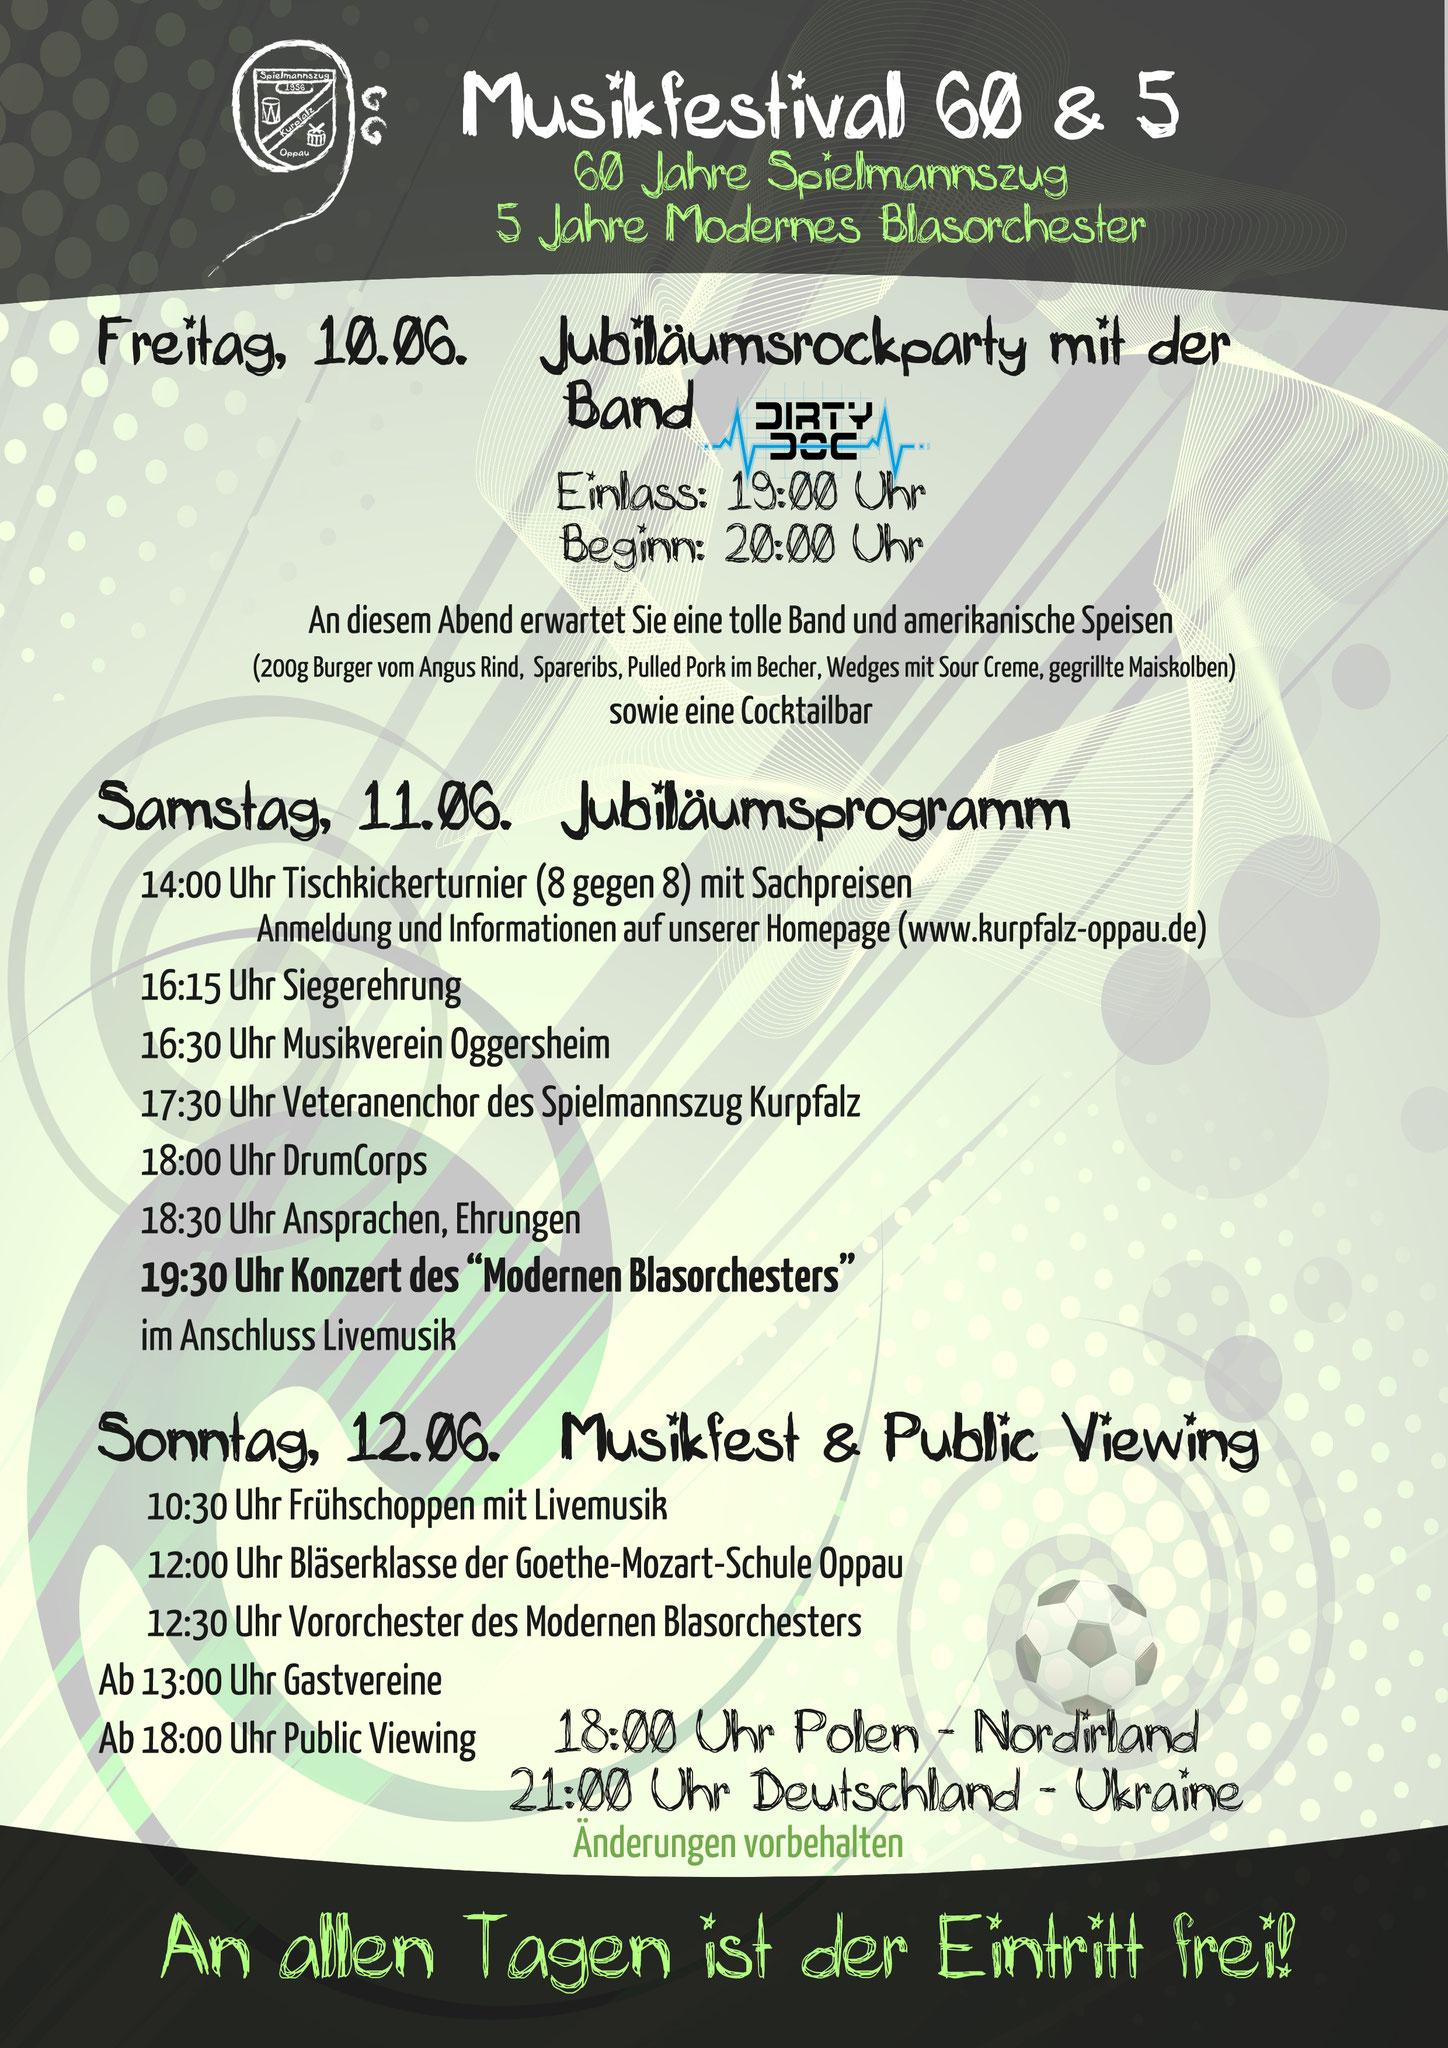 Ablauf Musikfestival 60 und 5; 60 Jahre Spielmannszug Kurpfalz 5 Jahre Modernes Blasorchester MBO